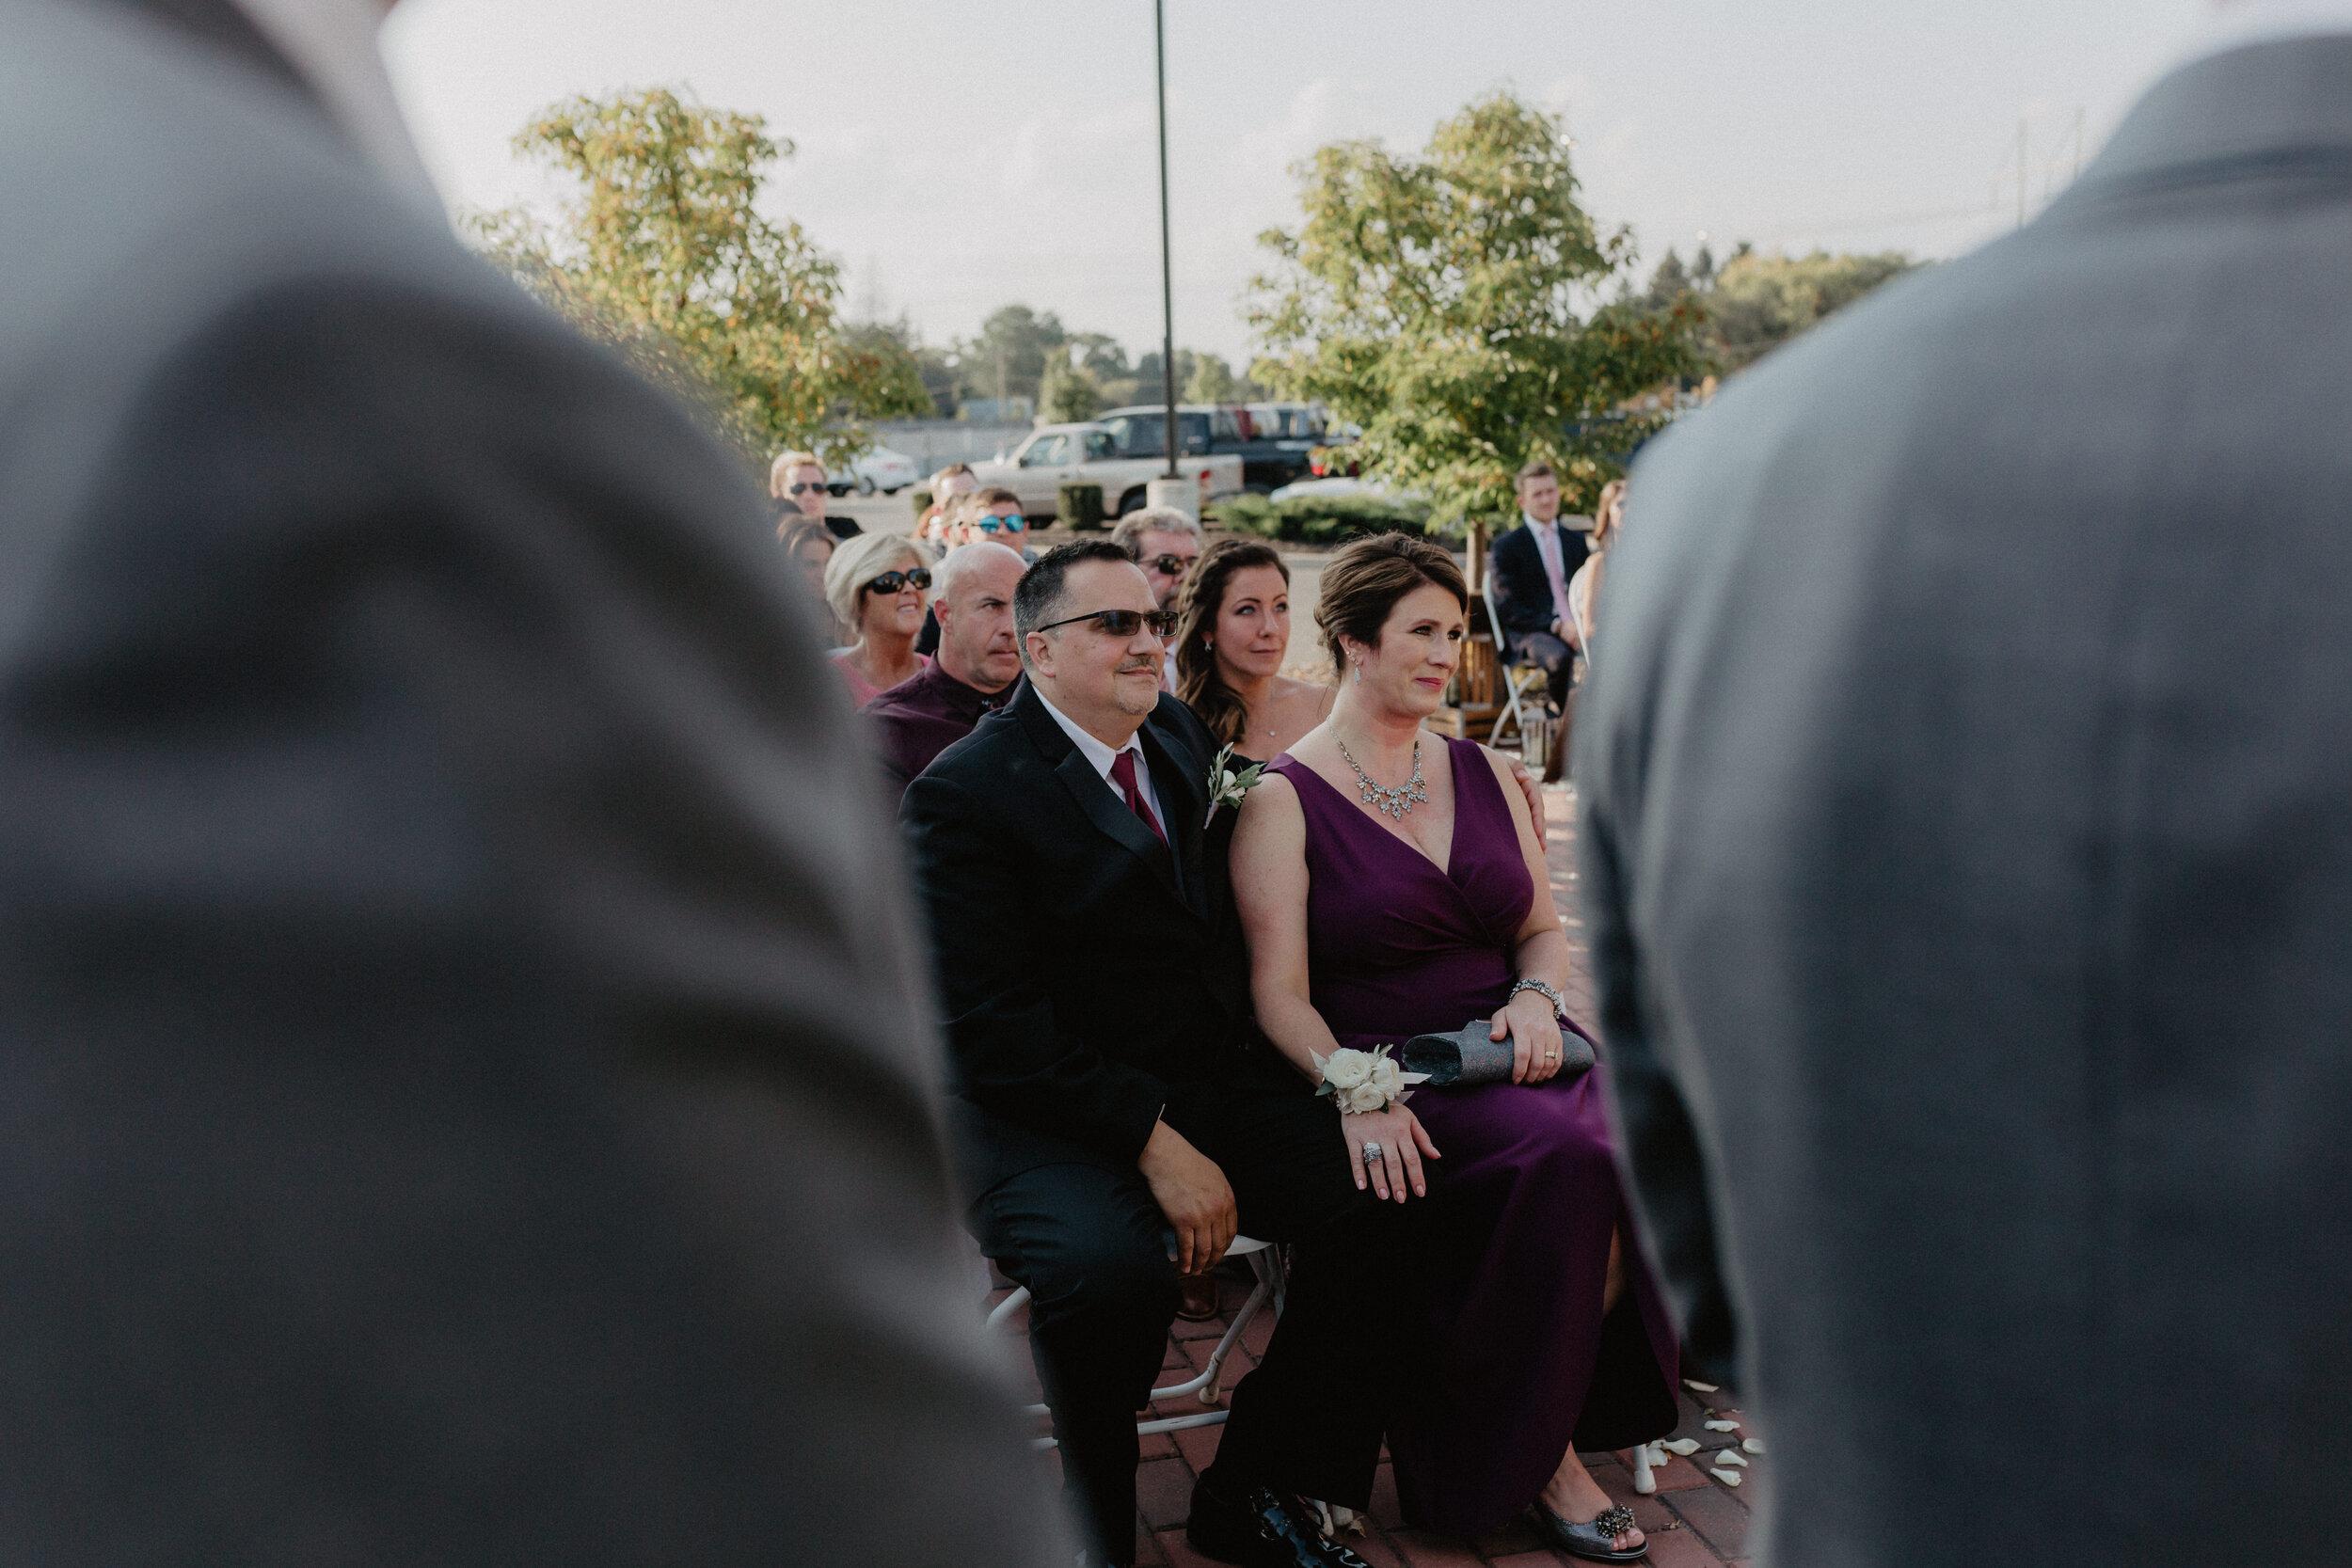 schenectady-new-york-wedding035.jpg